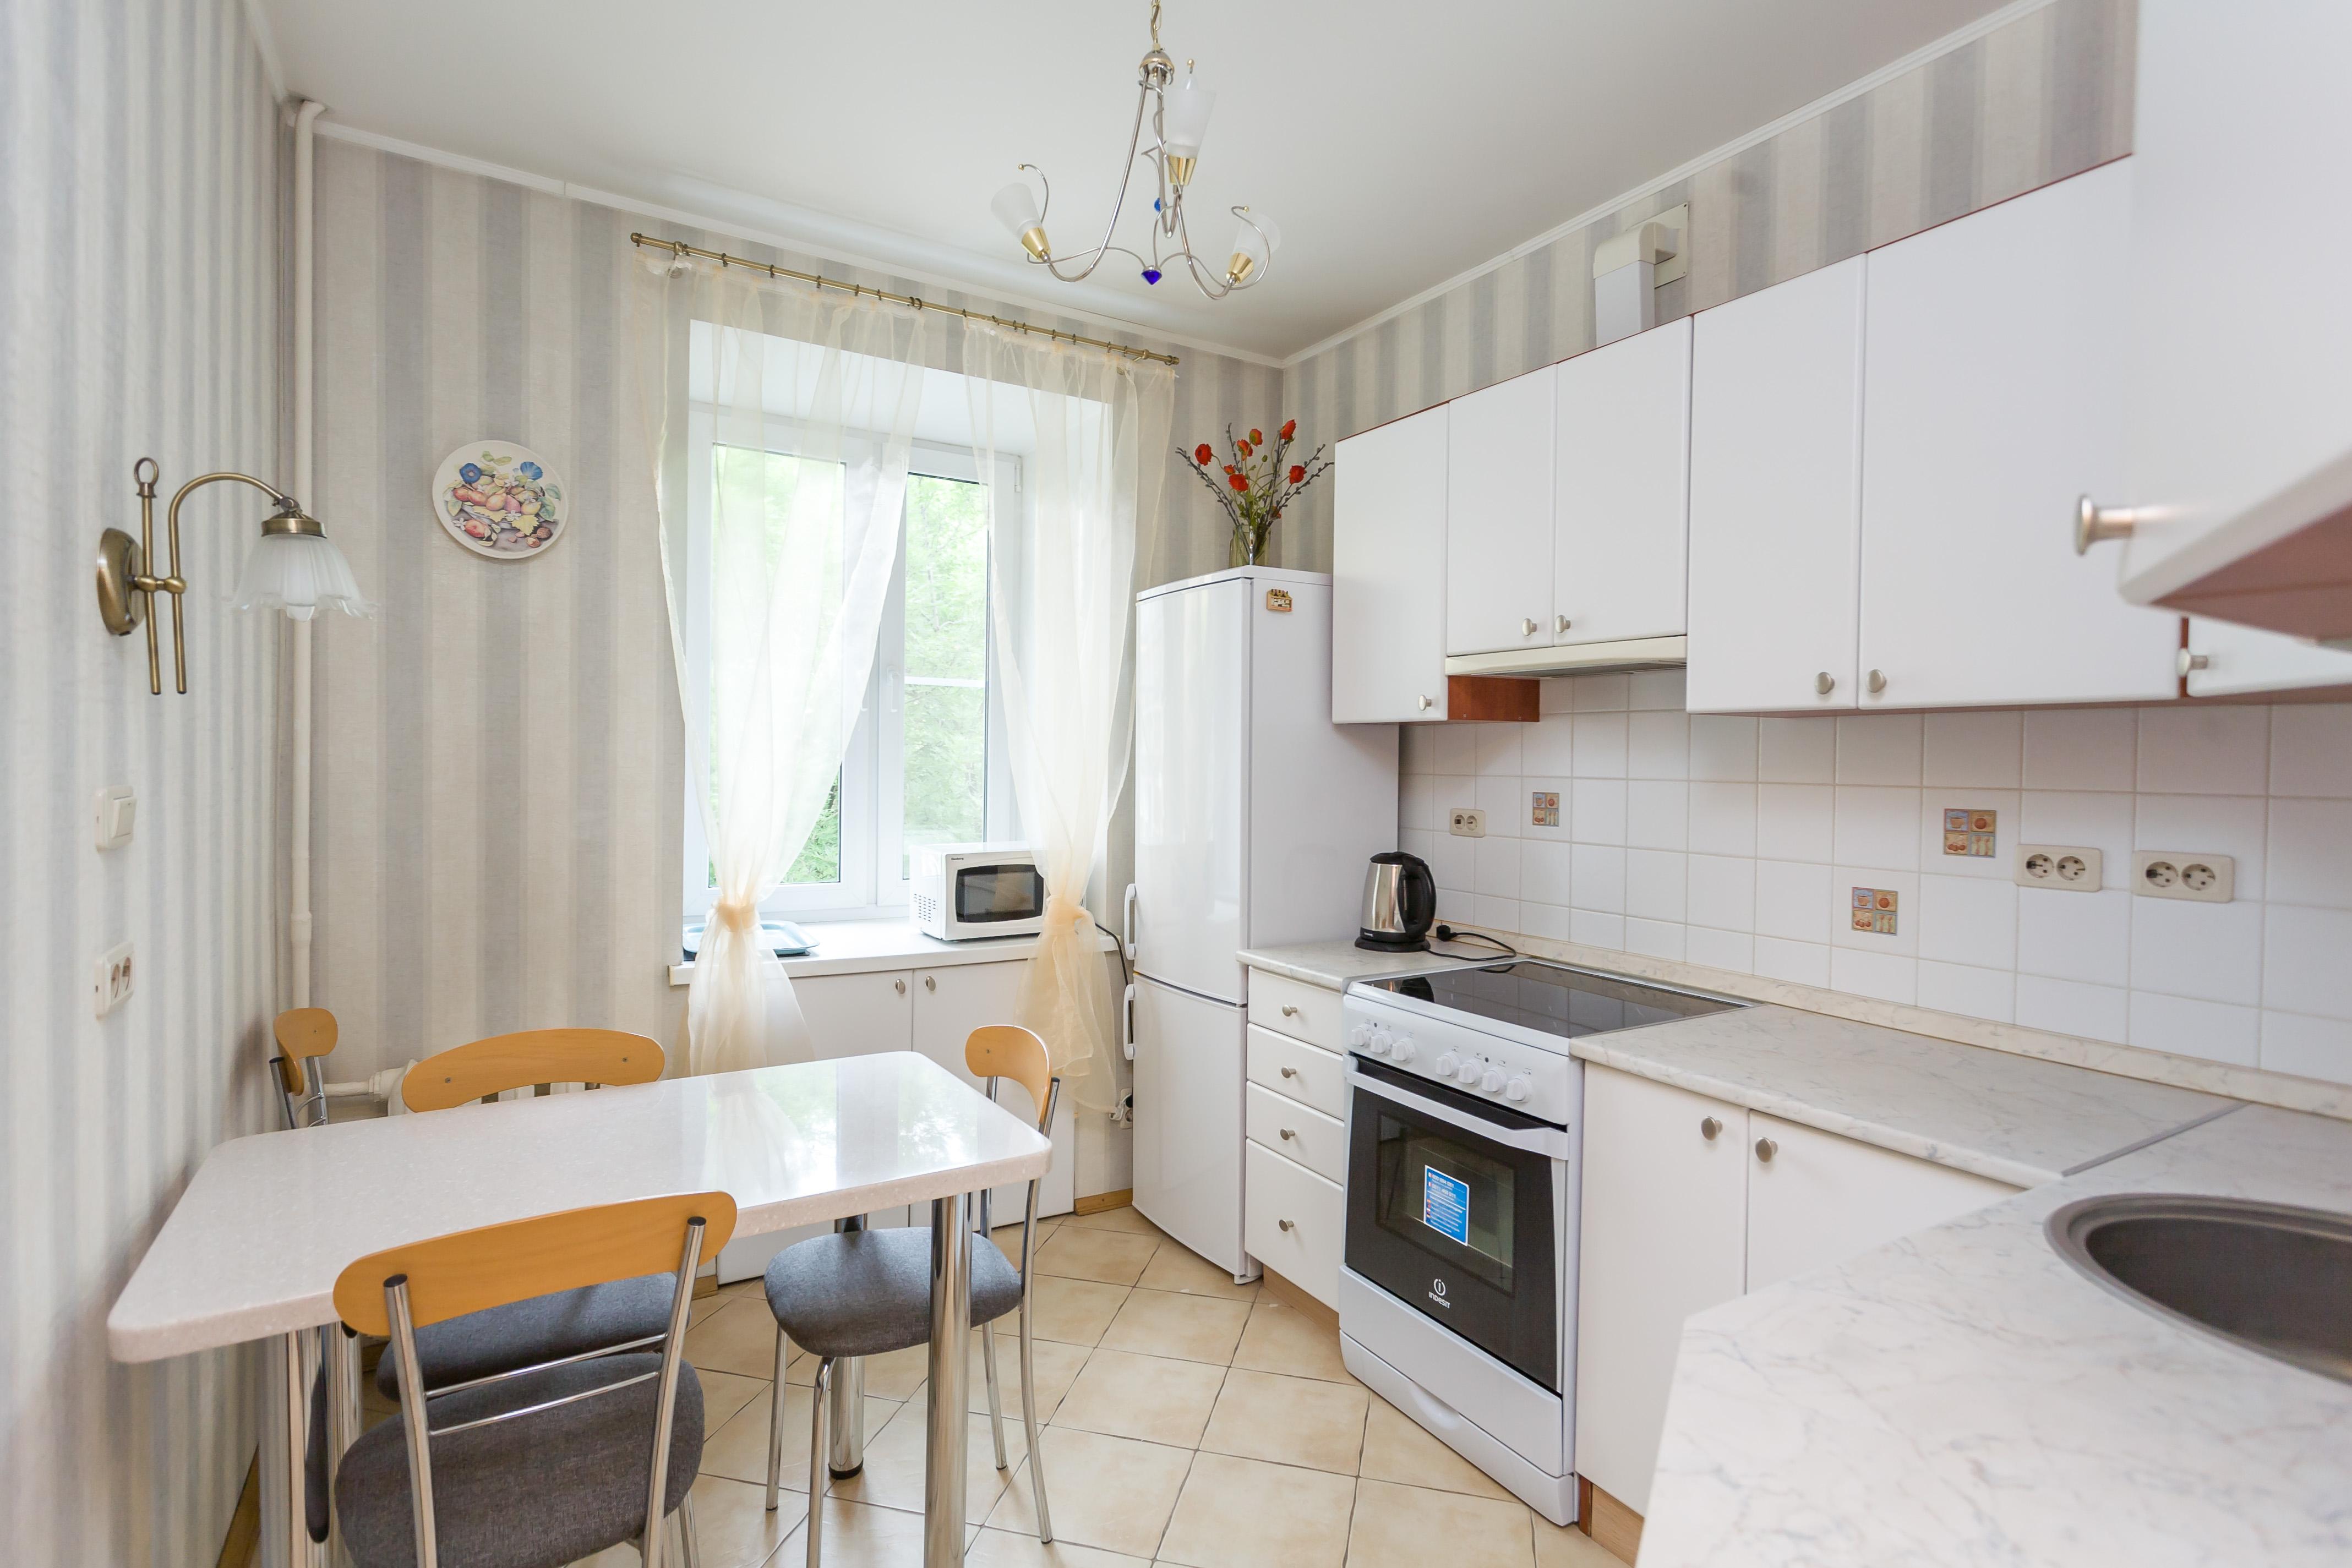 2-комн. квартира, 60 м², р-н Дорогомилово, Украинский бул., 5